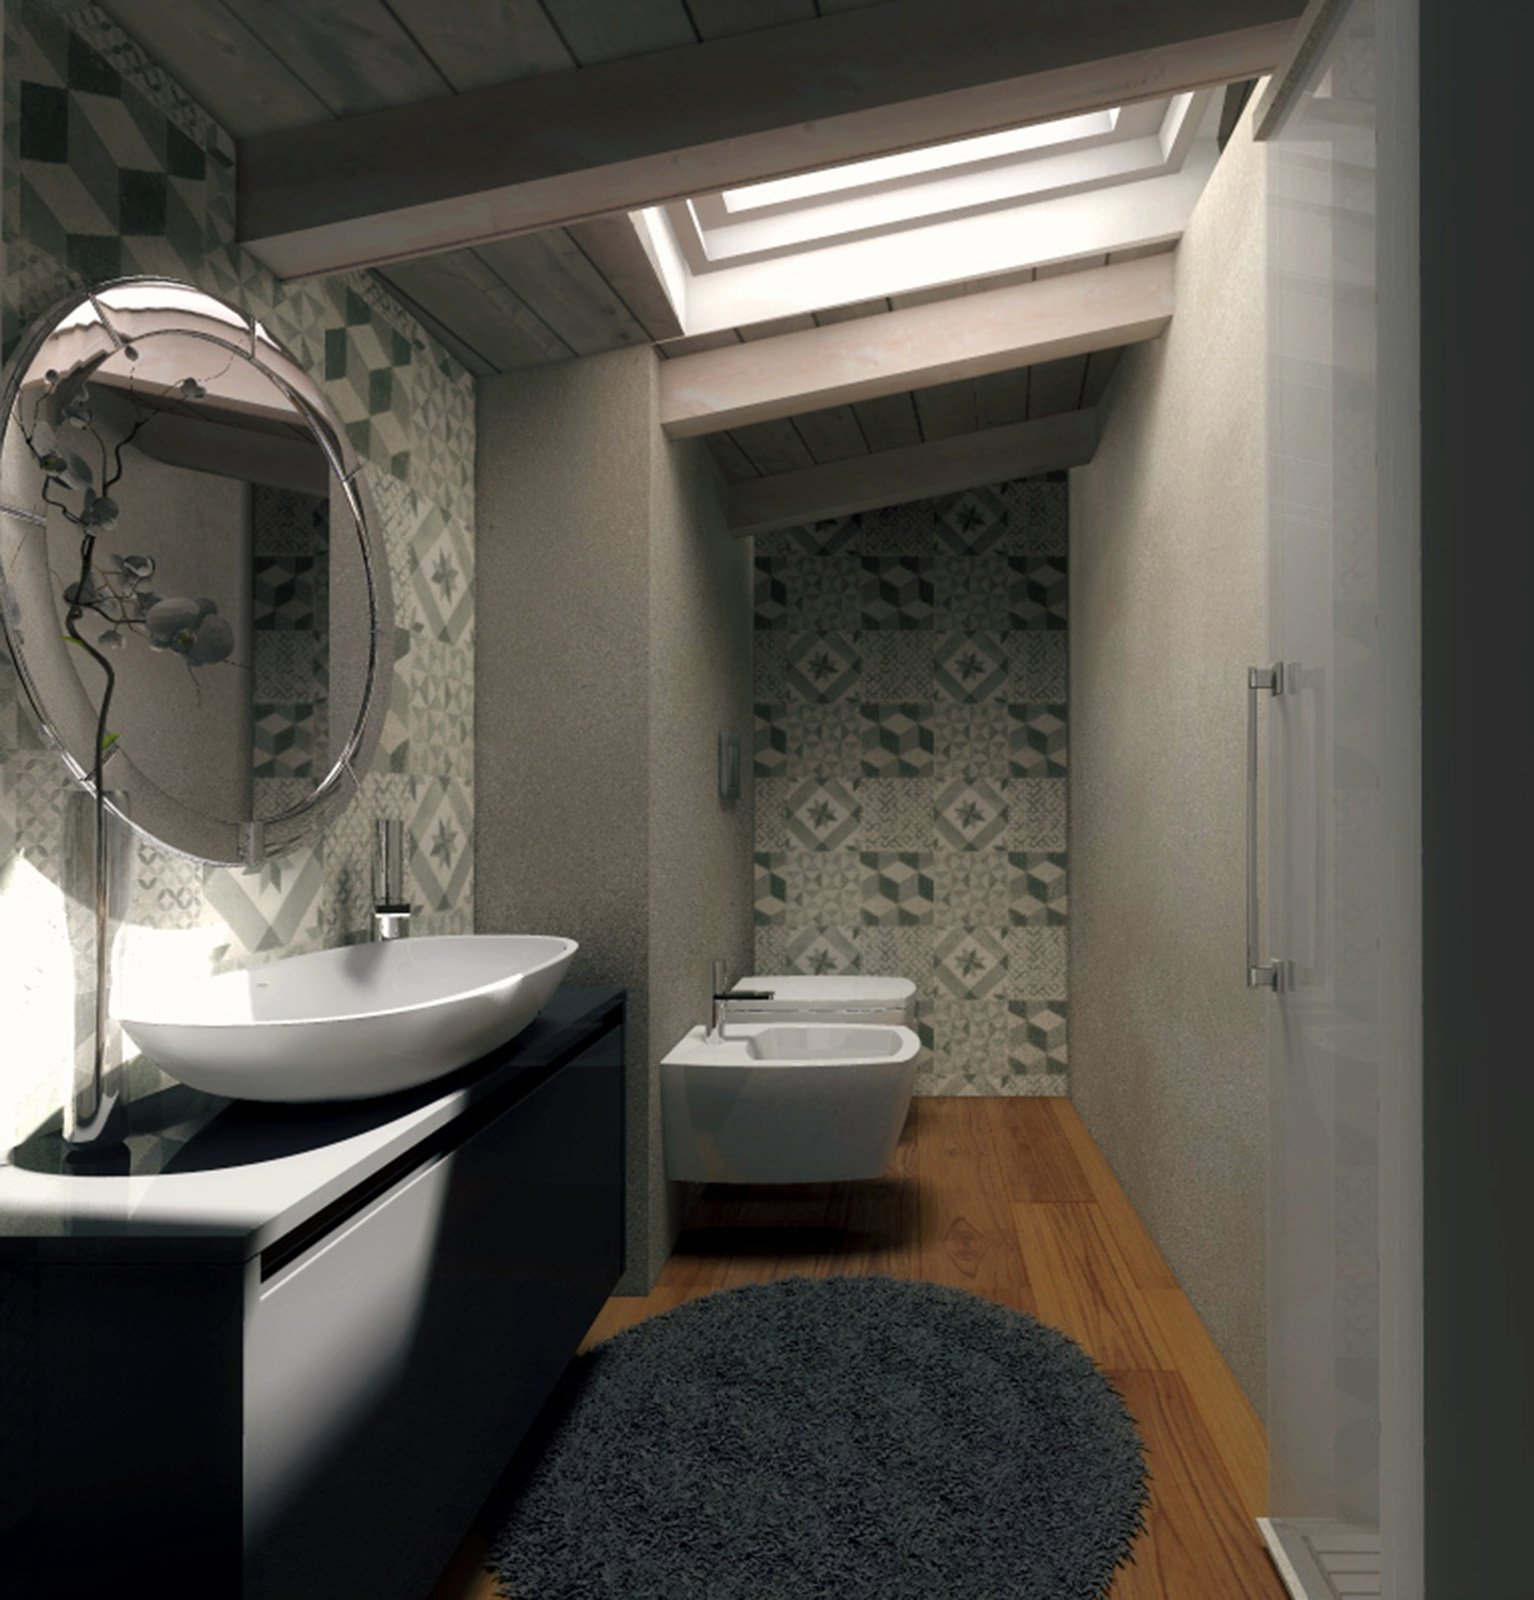 Mansarda una casa sottotetto luminosa e contemporanea cose di casa - Bagni e piastrelle ...